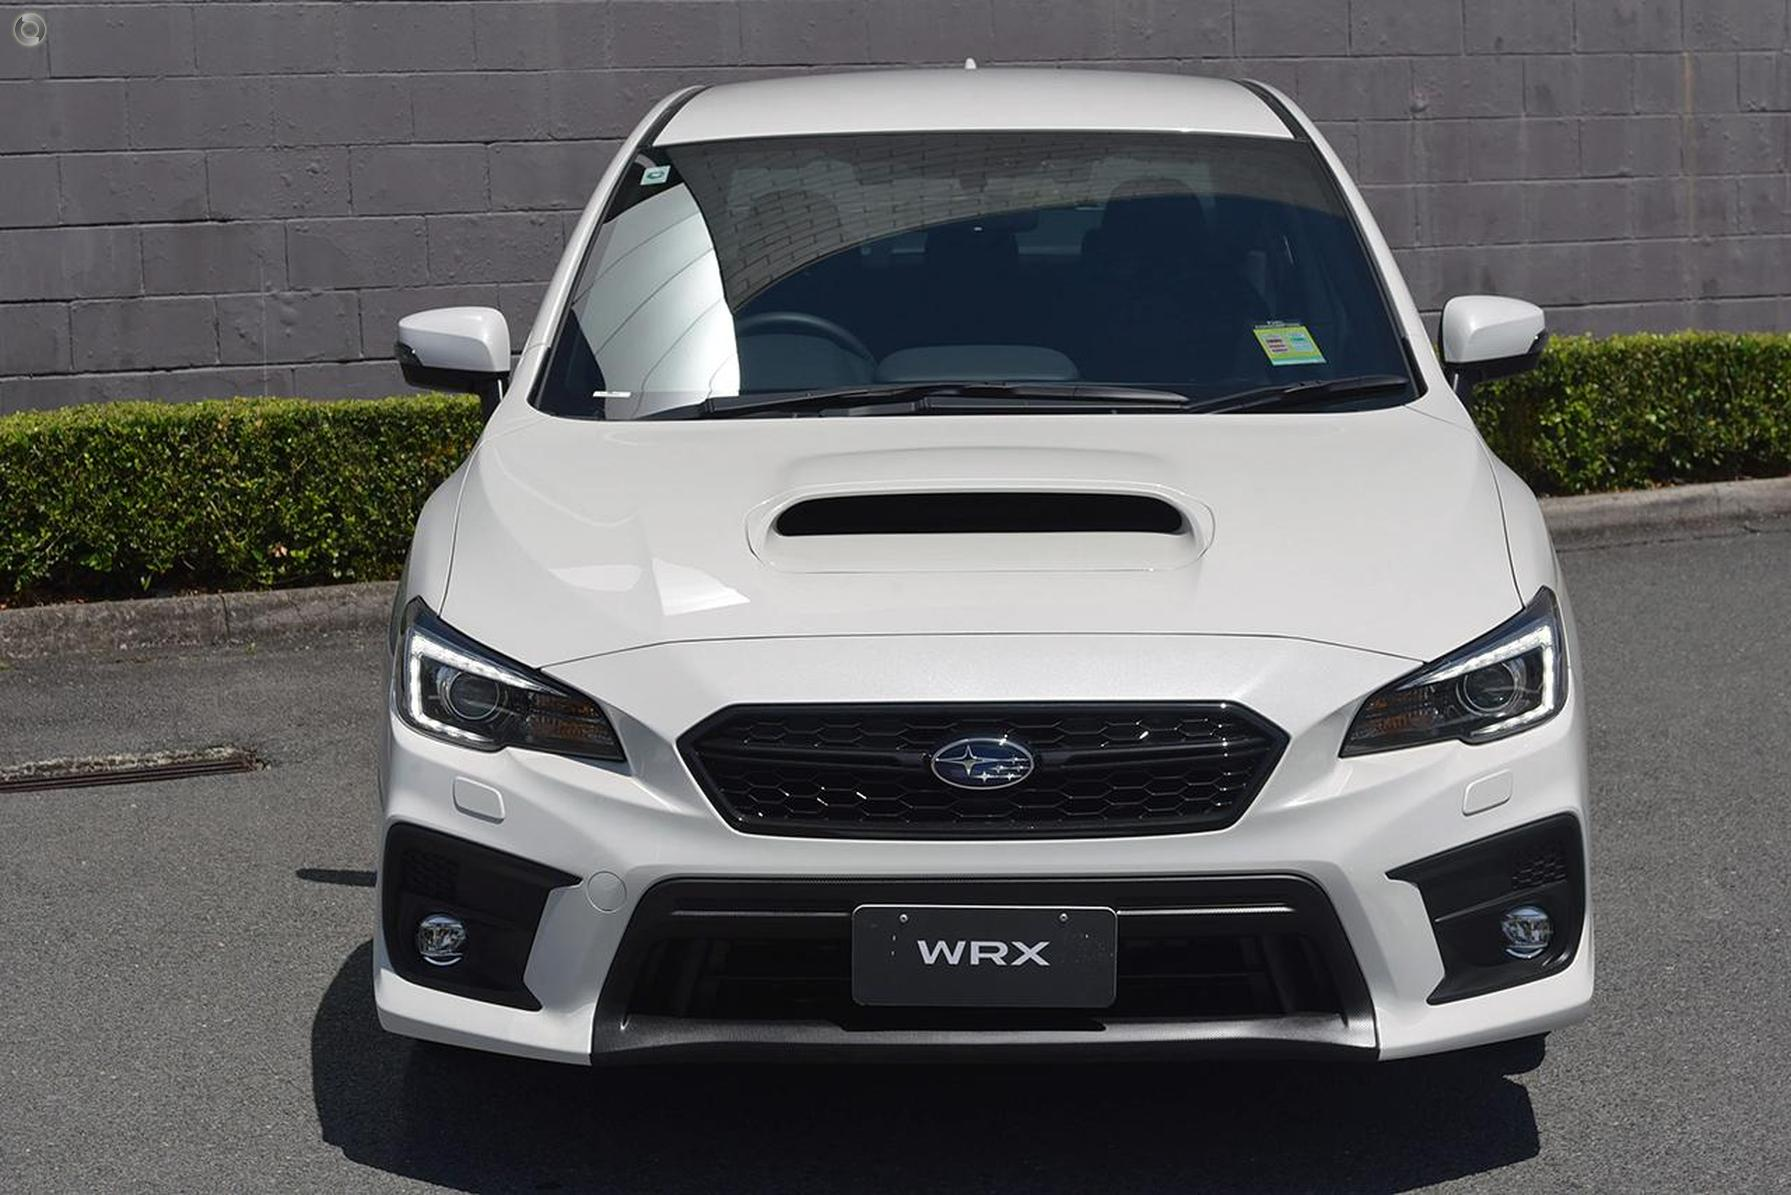 2018 Subaru Wrx  V1